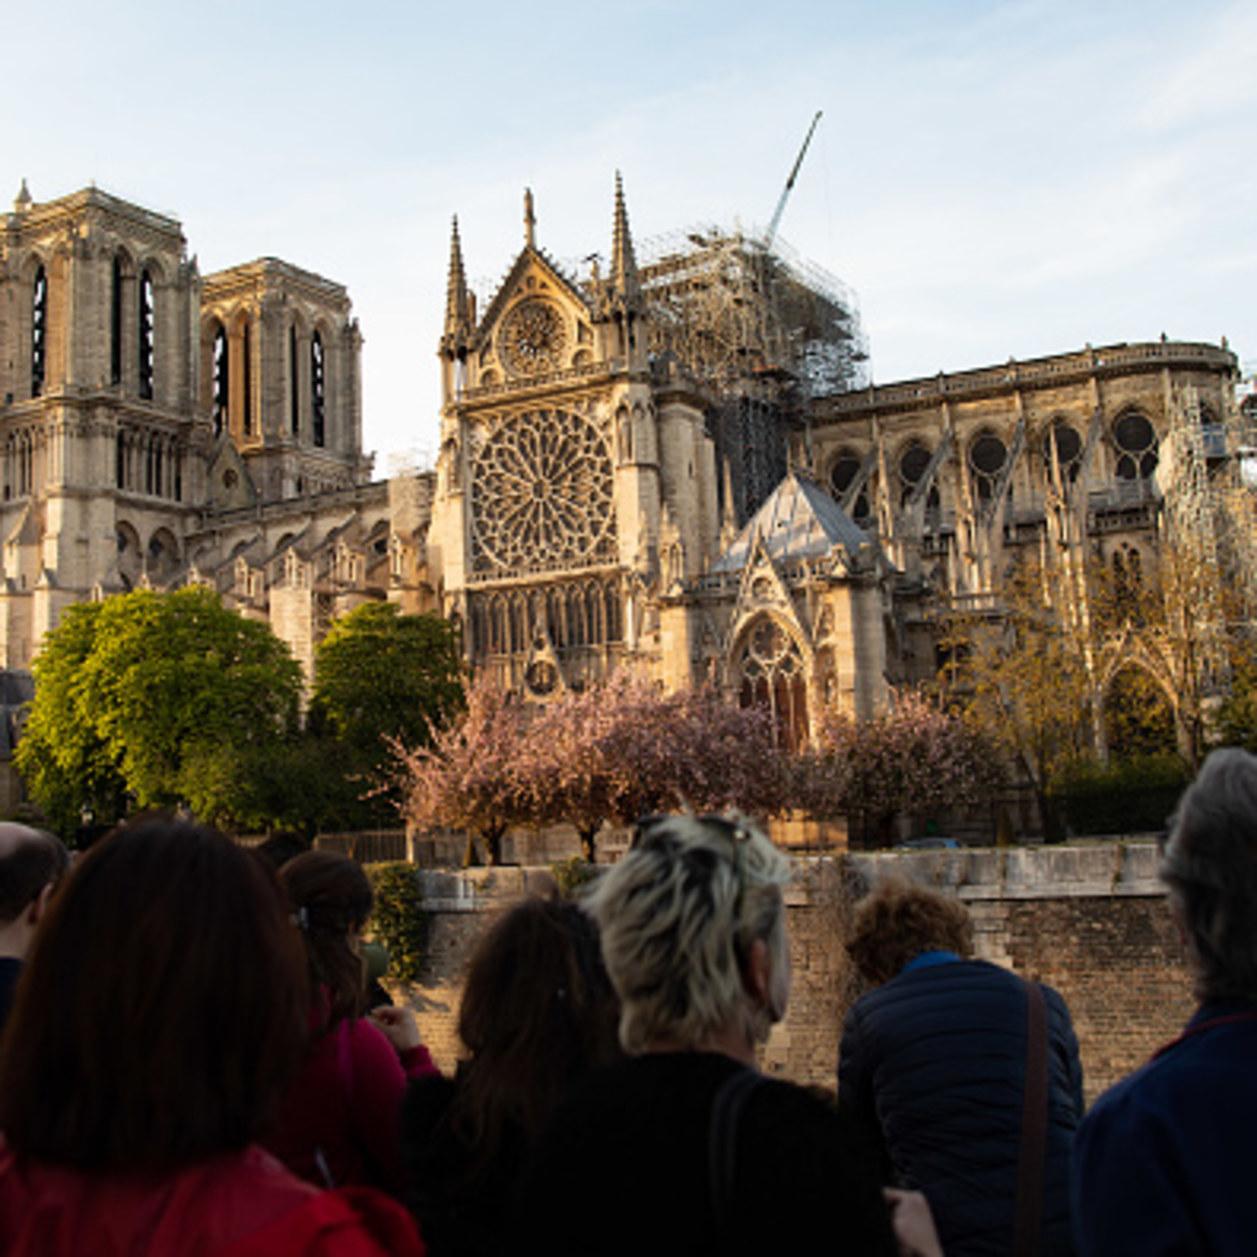 Après l'incendie de Notre-Dame de Paris, un fort taux de plomb détecté dans le sang d'un enfant